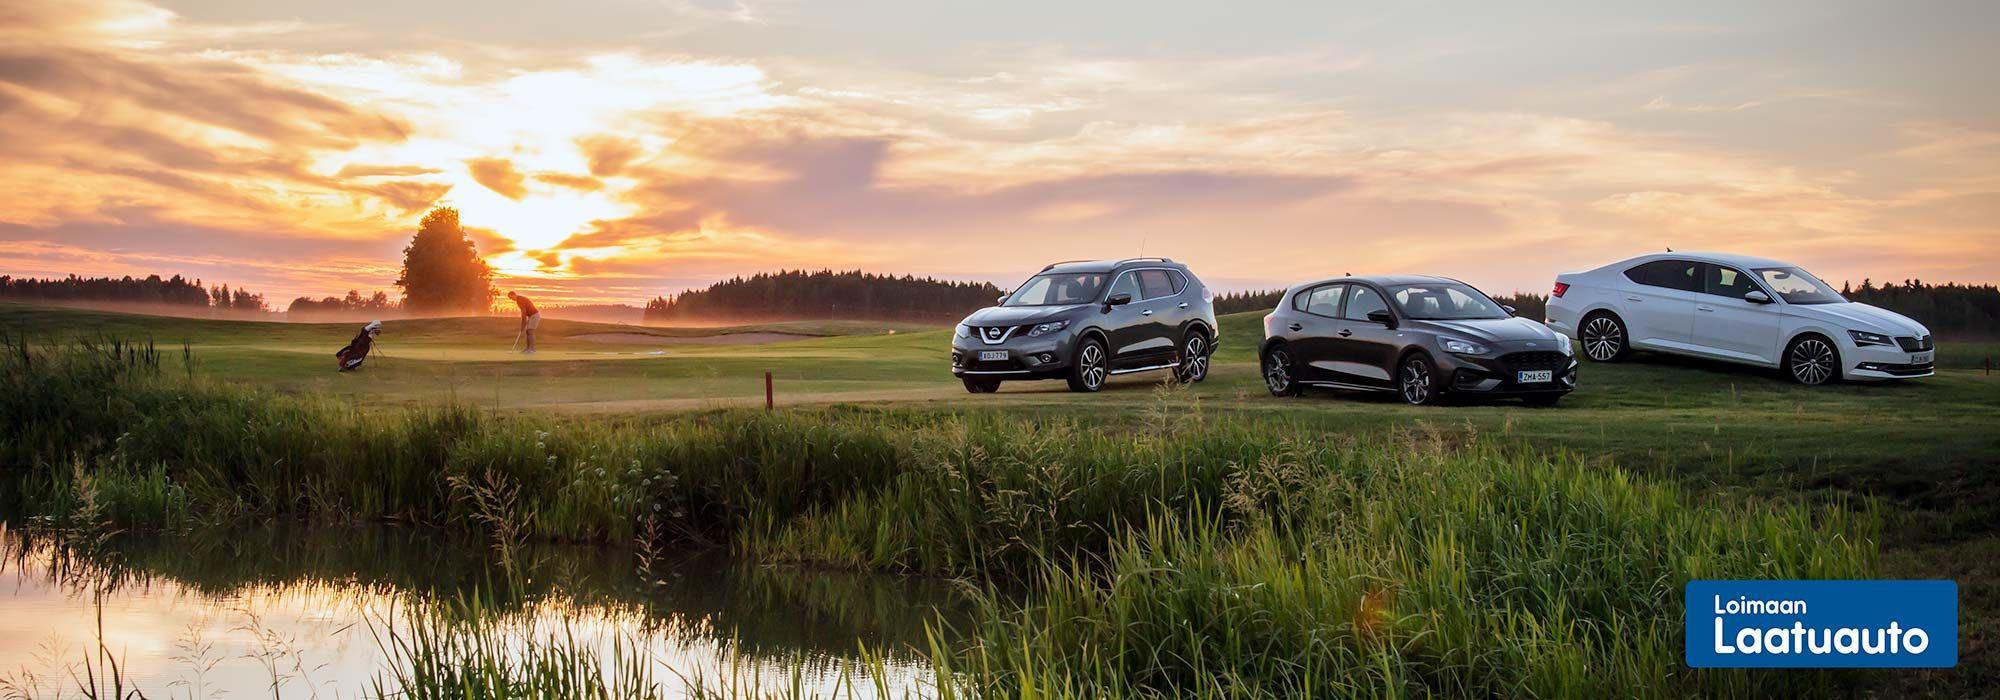 Vaihtoautot yli 300 auton valikoimasta | Loimaan Laatuauto Oy